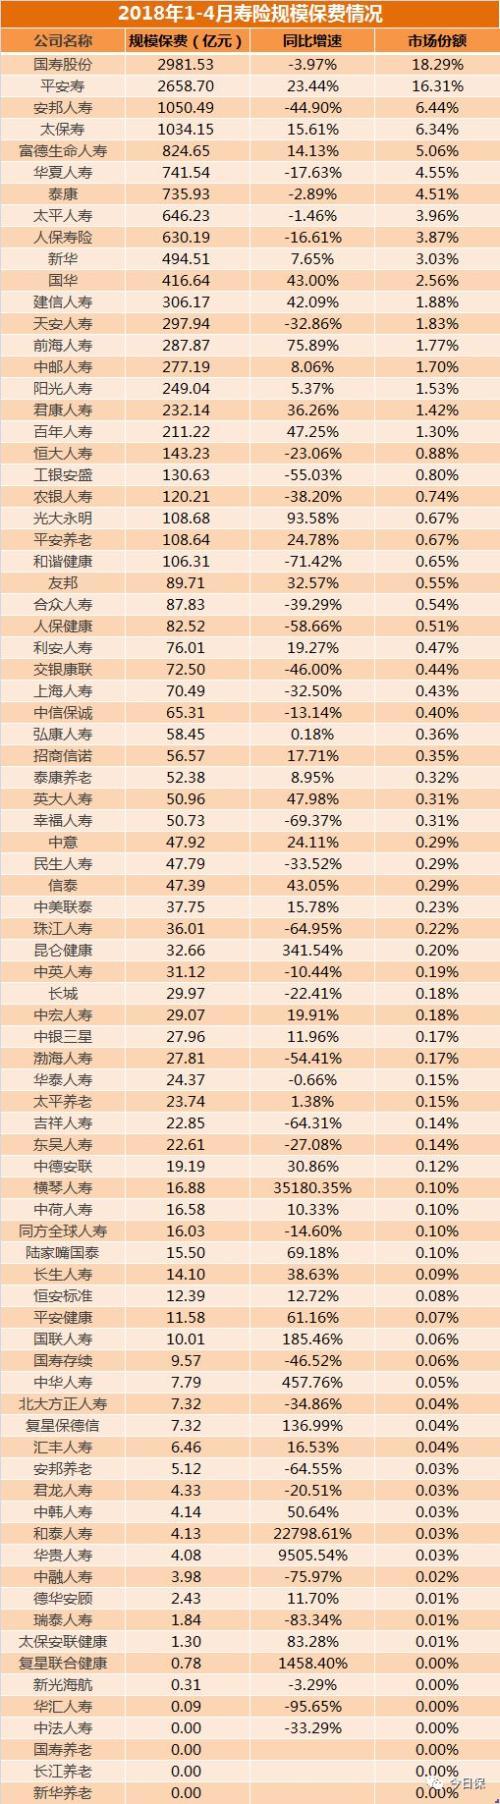 4月保费出炉:15家产险公司负增长 安邦最为严峻